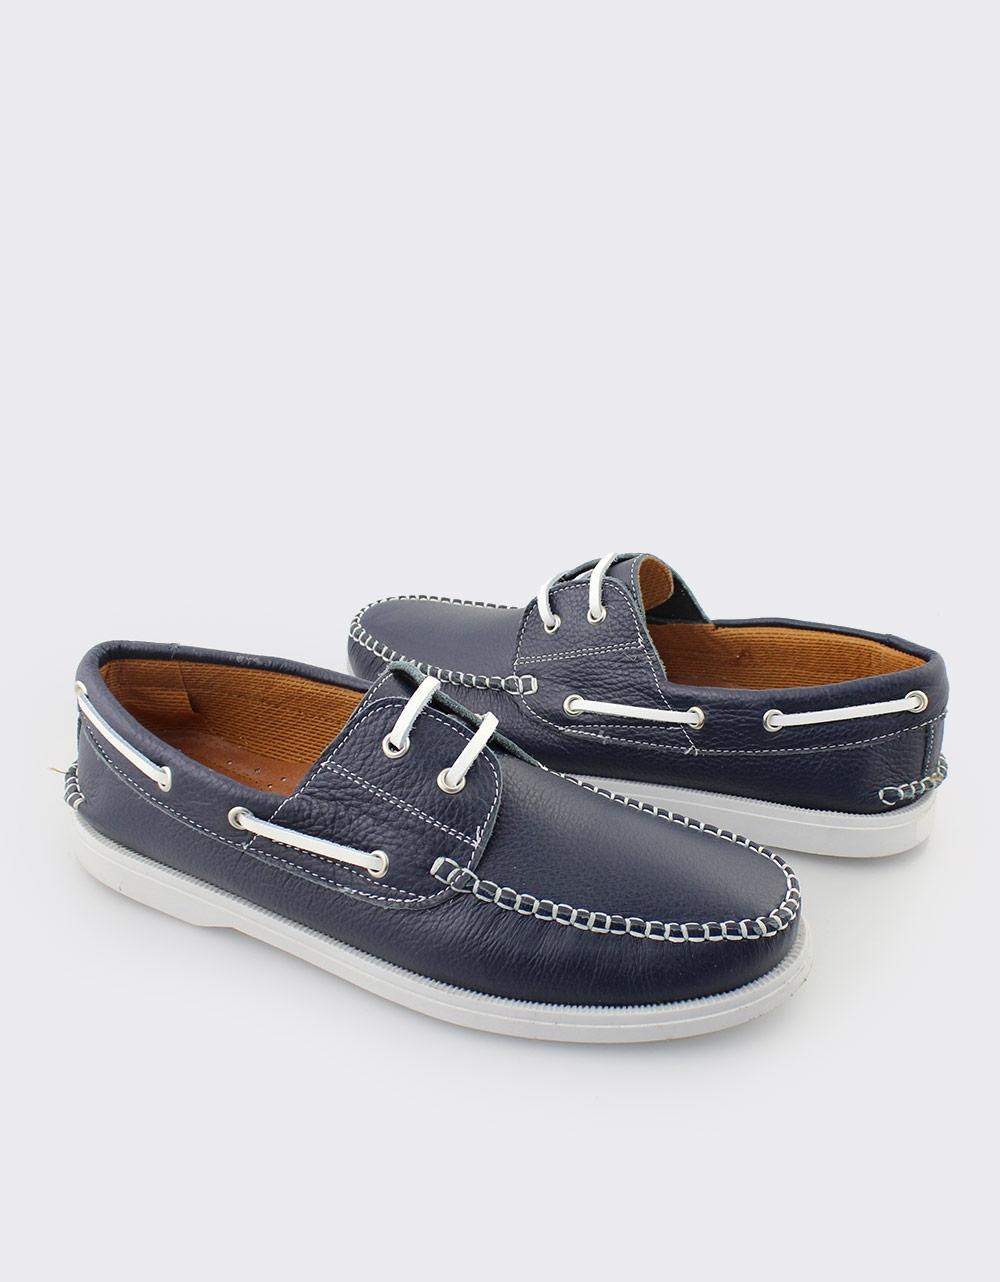 Εικόνα από Ανδρικά δερμάτινα loafers με κορδόνια Μπλε